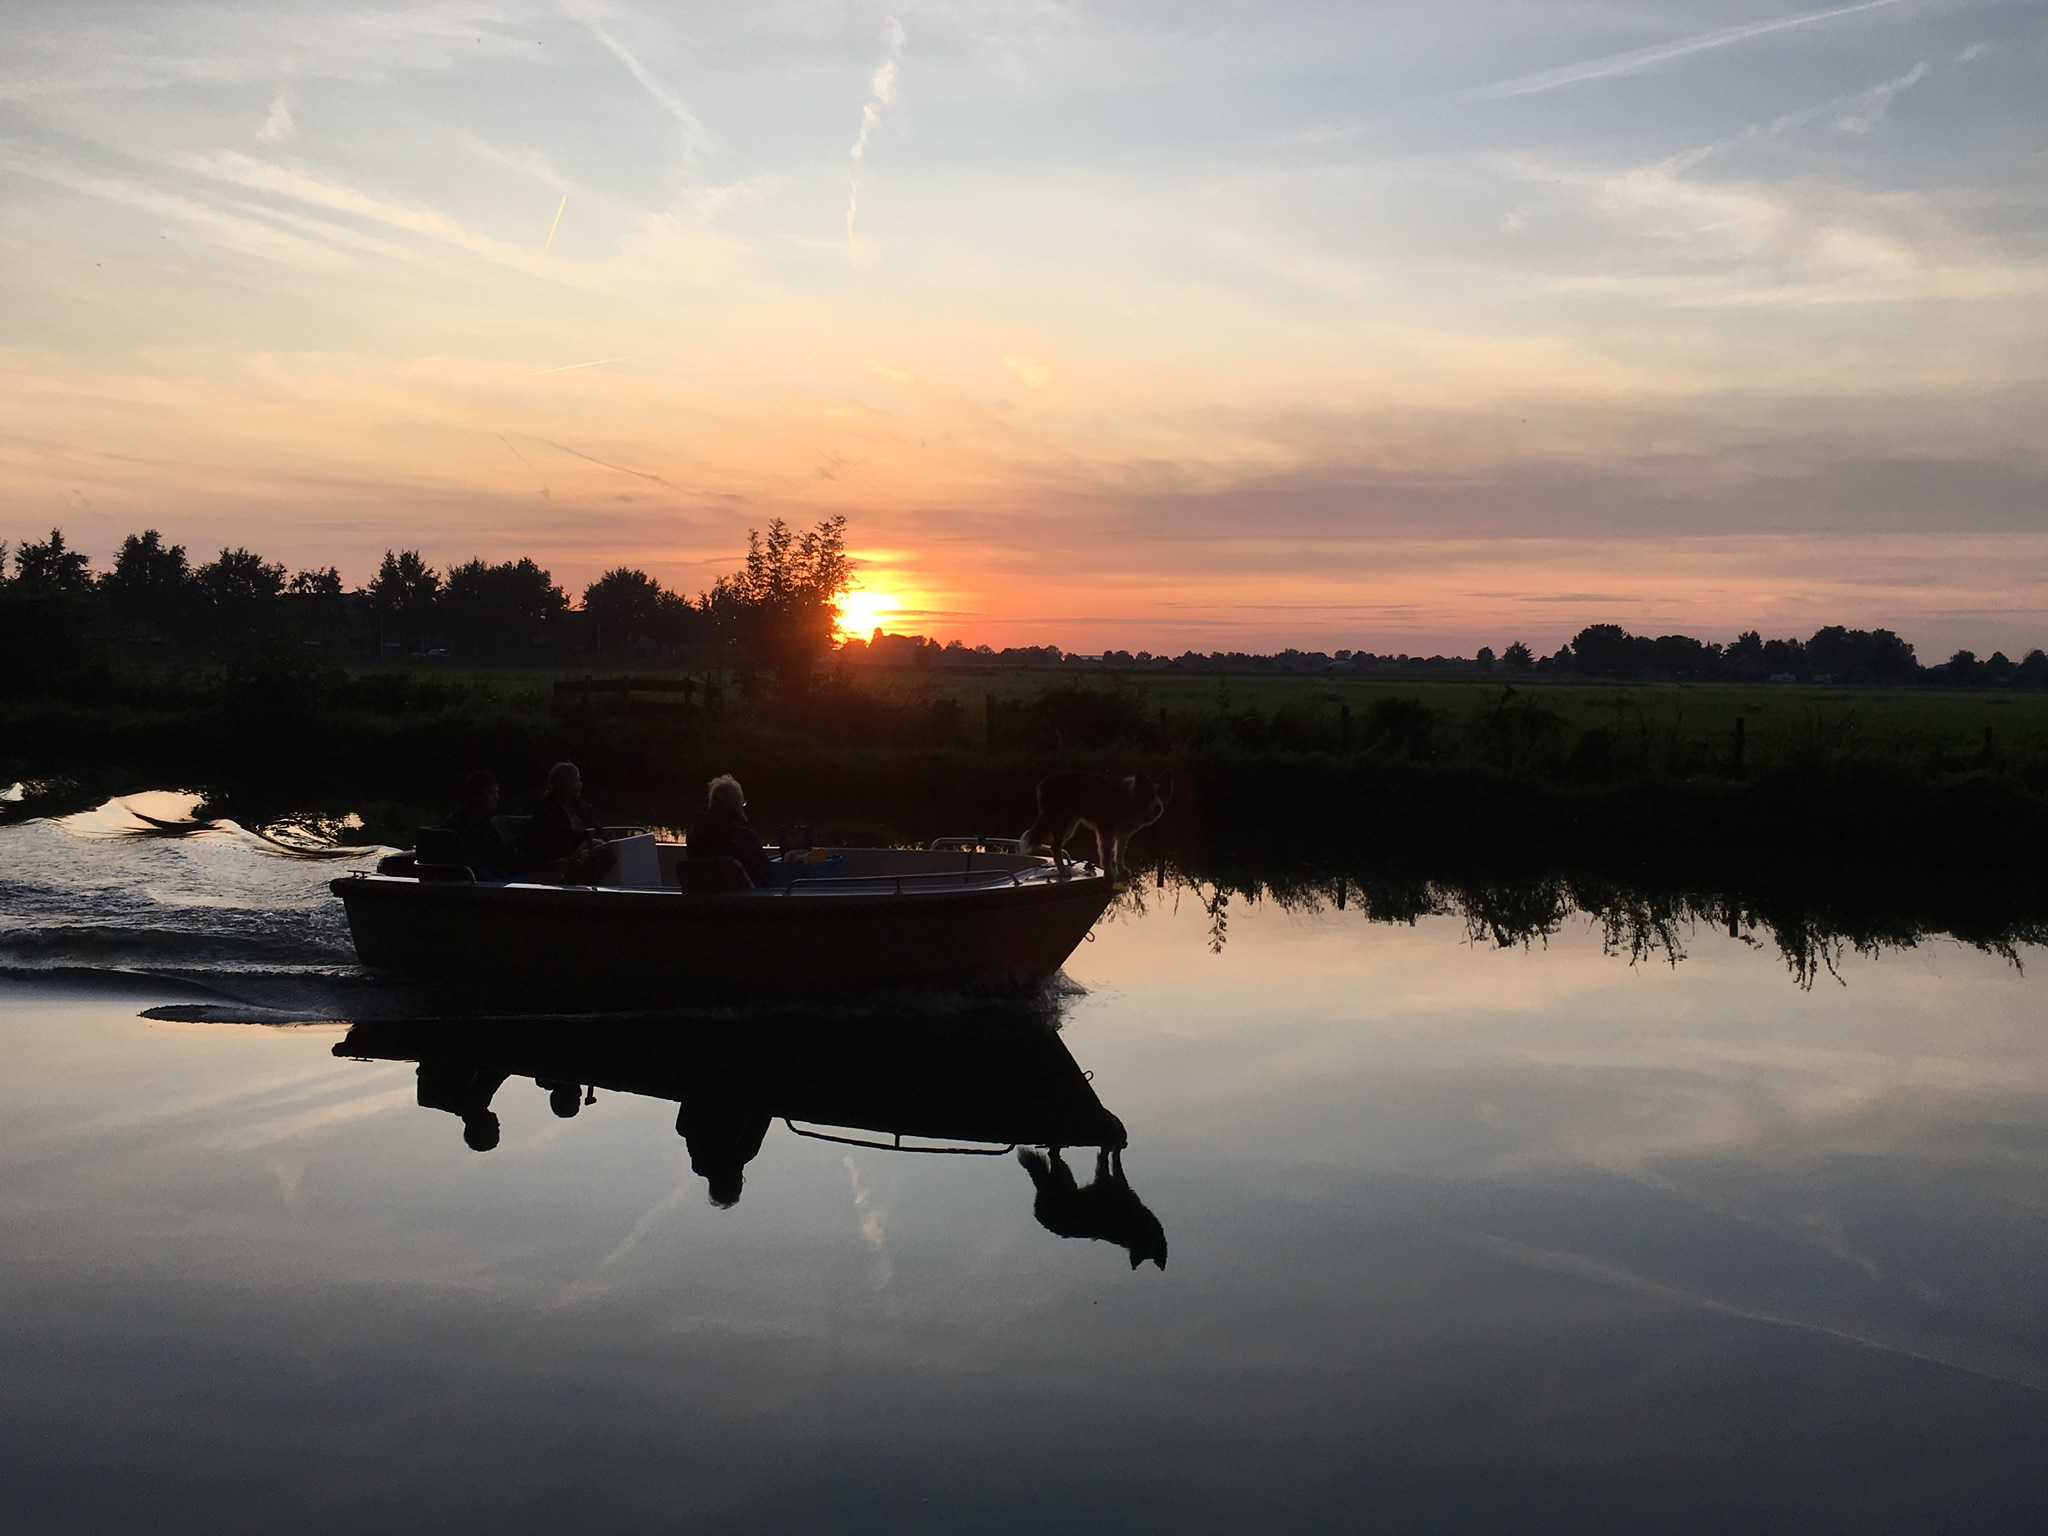 Nummer 6 Fotowedstrijd IJsselstein 2019 - Nel van Rooijen Schalkwijk - Silhouetten